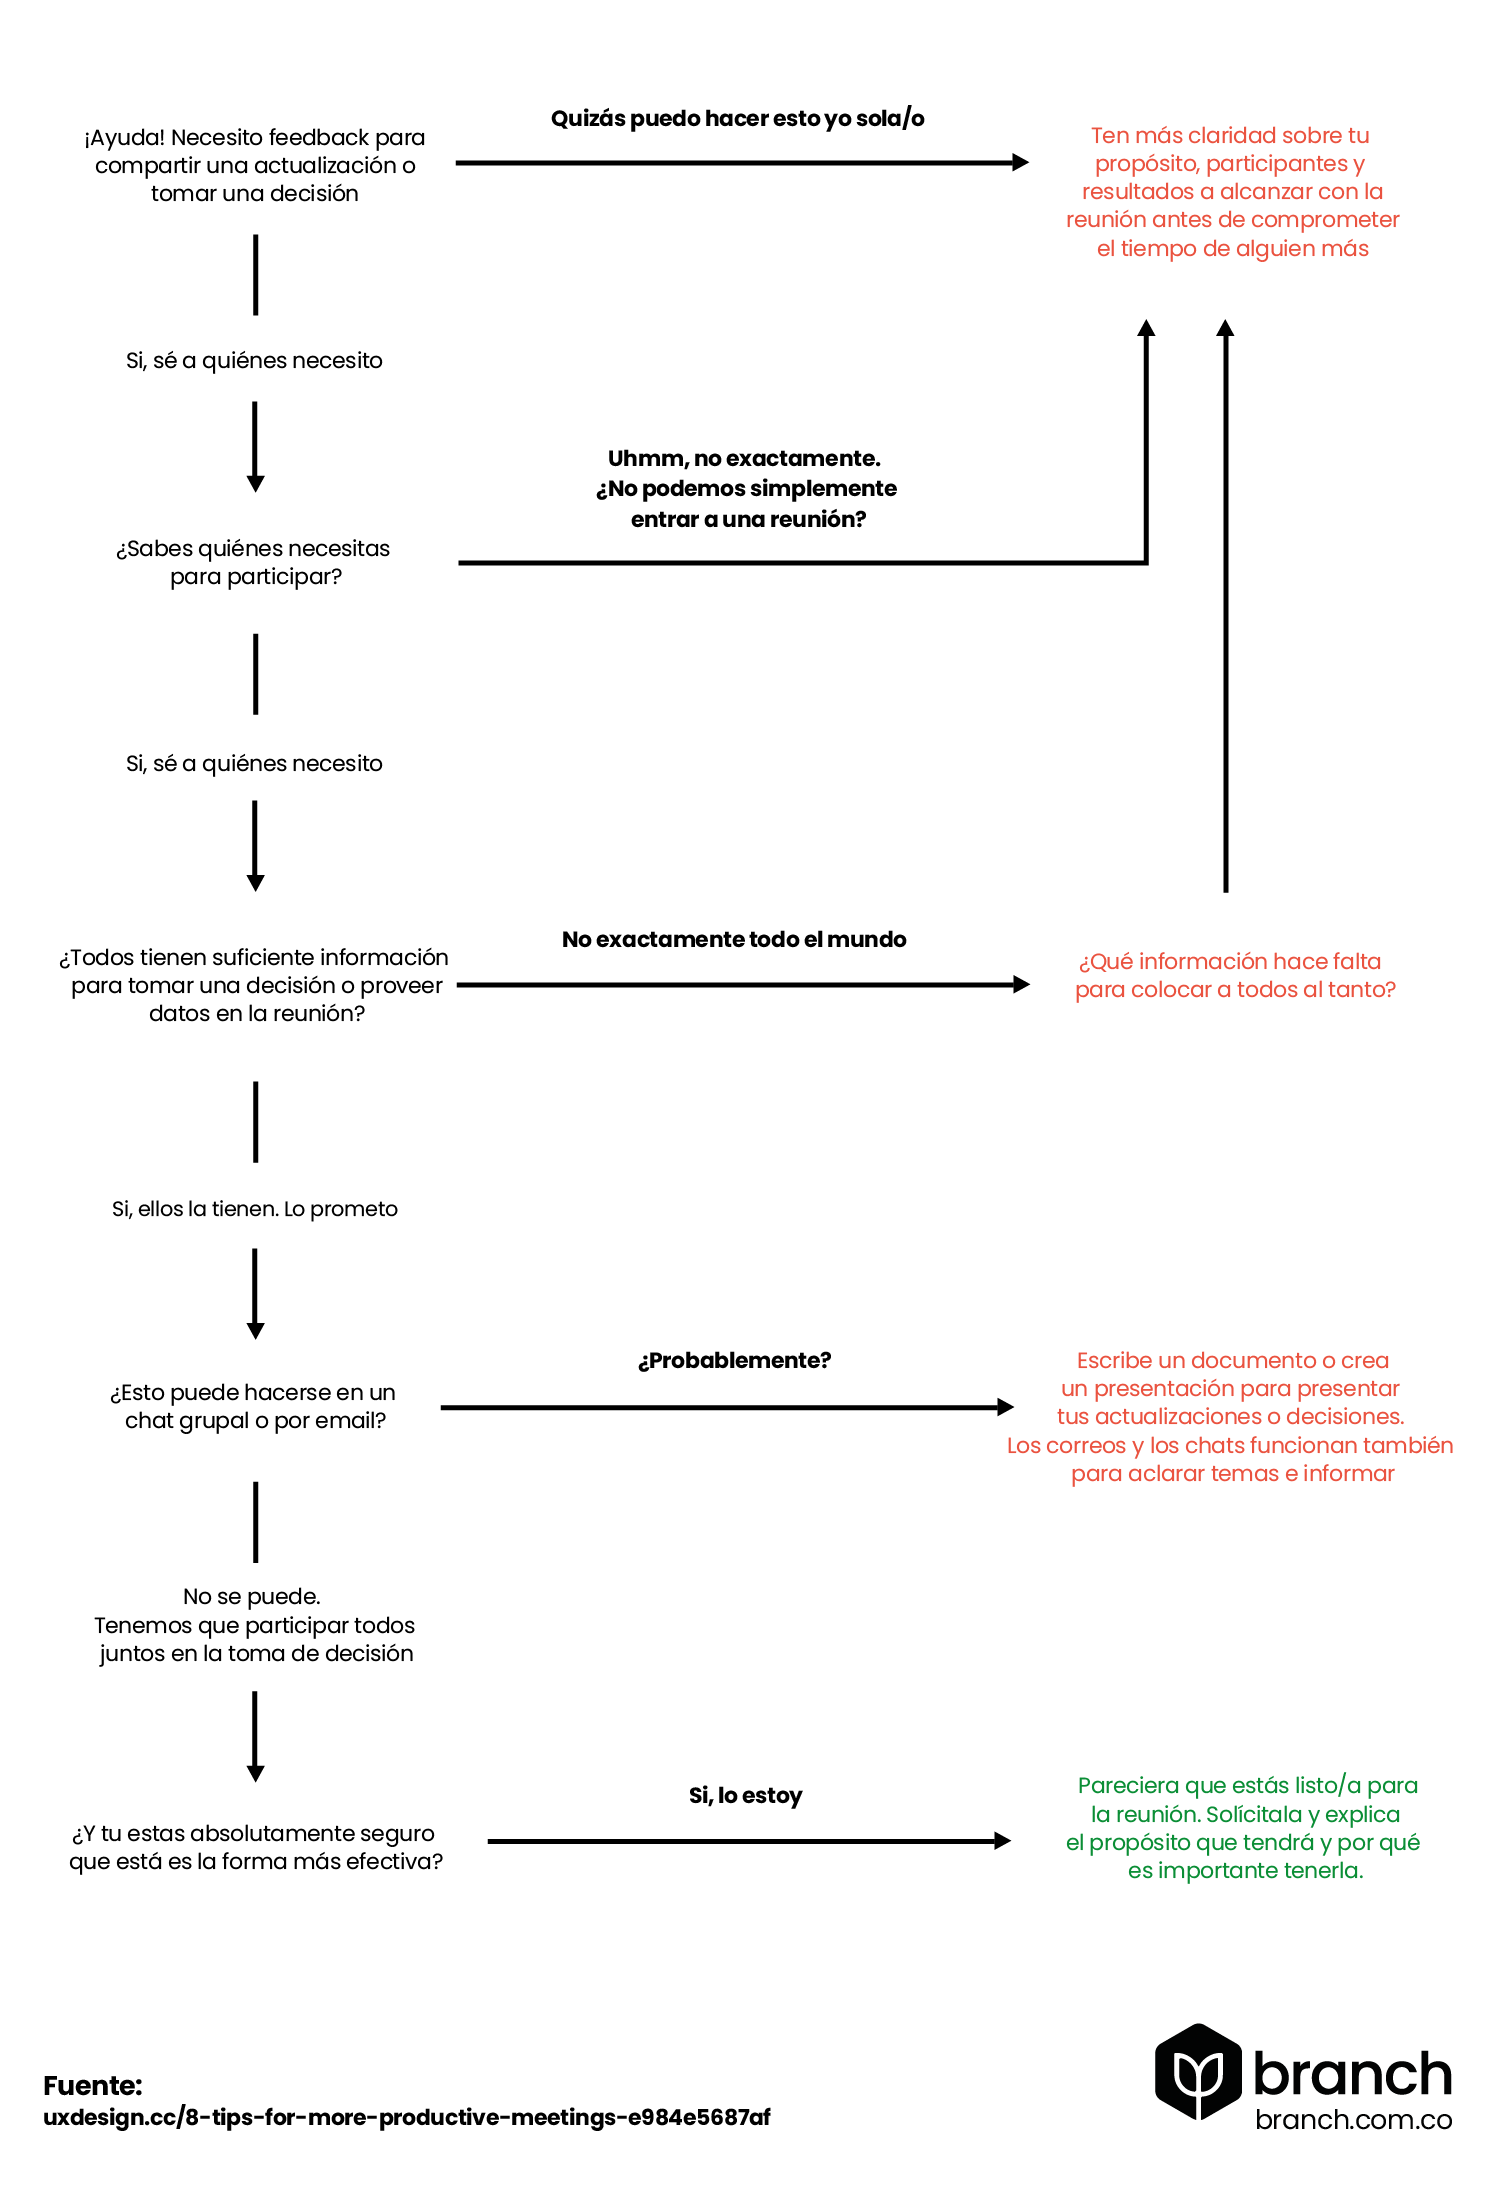 flujograma-para-saber-si-es-necesario-programar-una-reunion-virtual